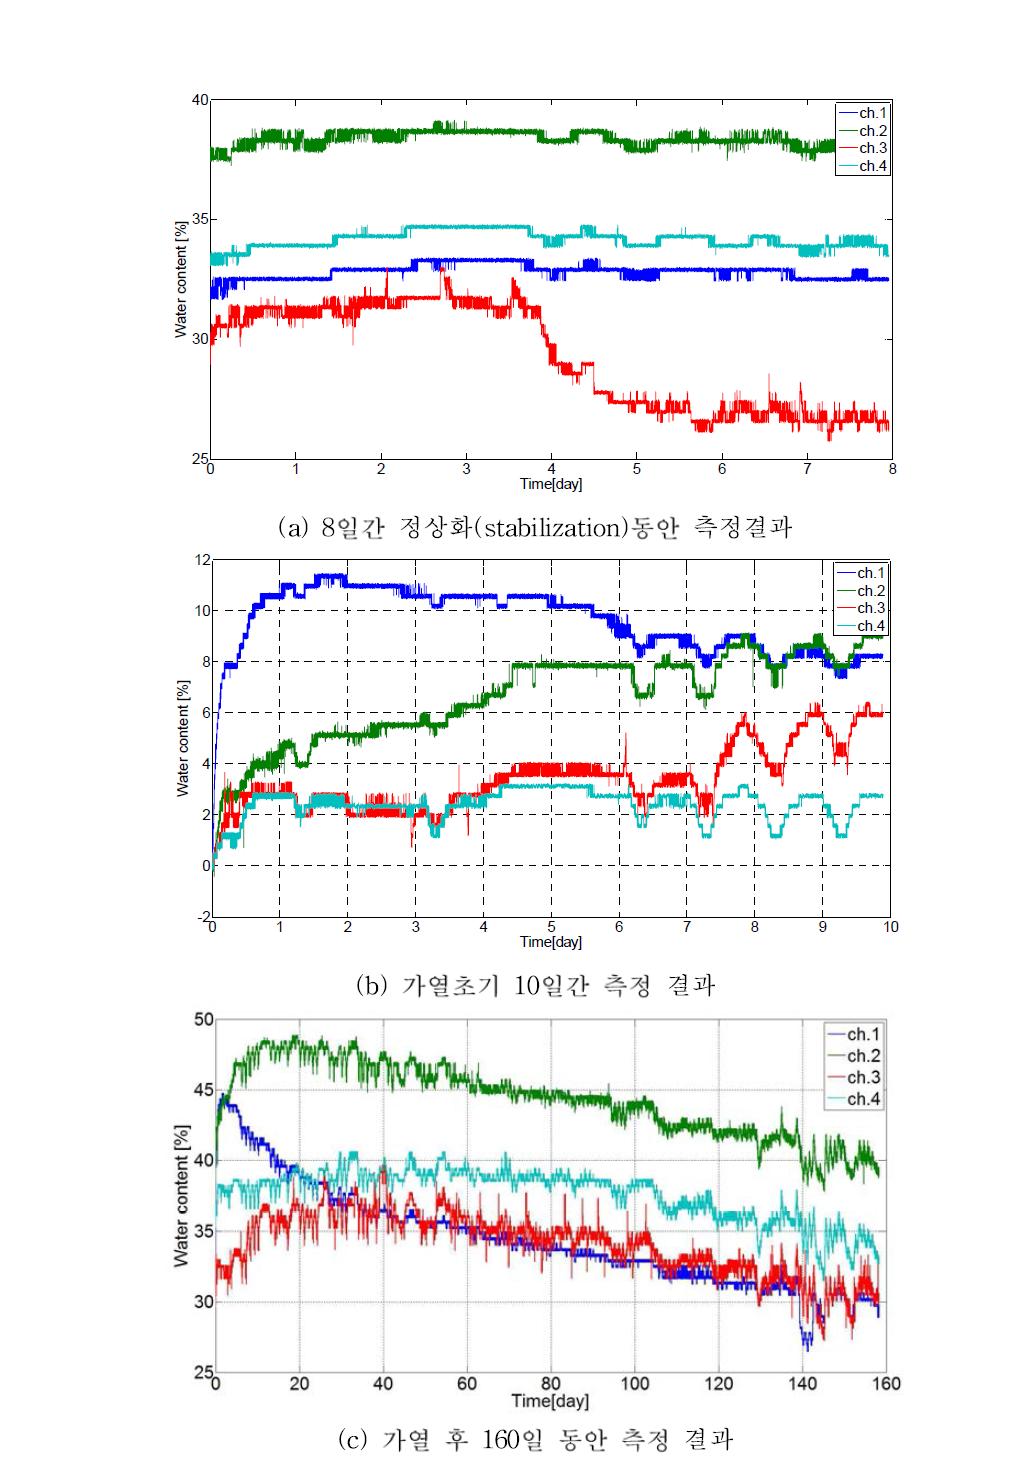 토양수분센서를 이용하여 측정한 완충재 함습율